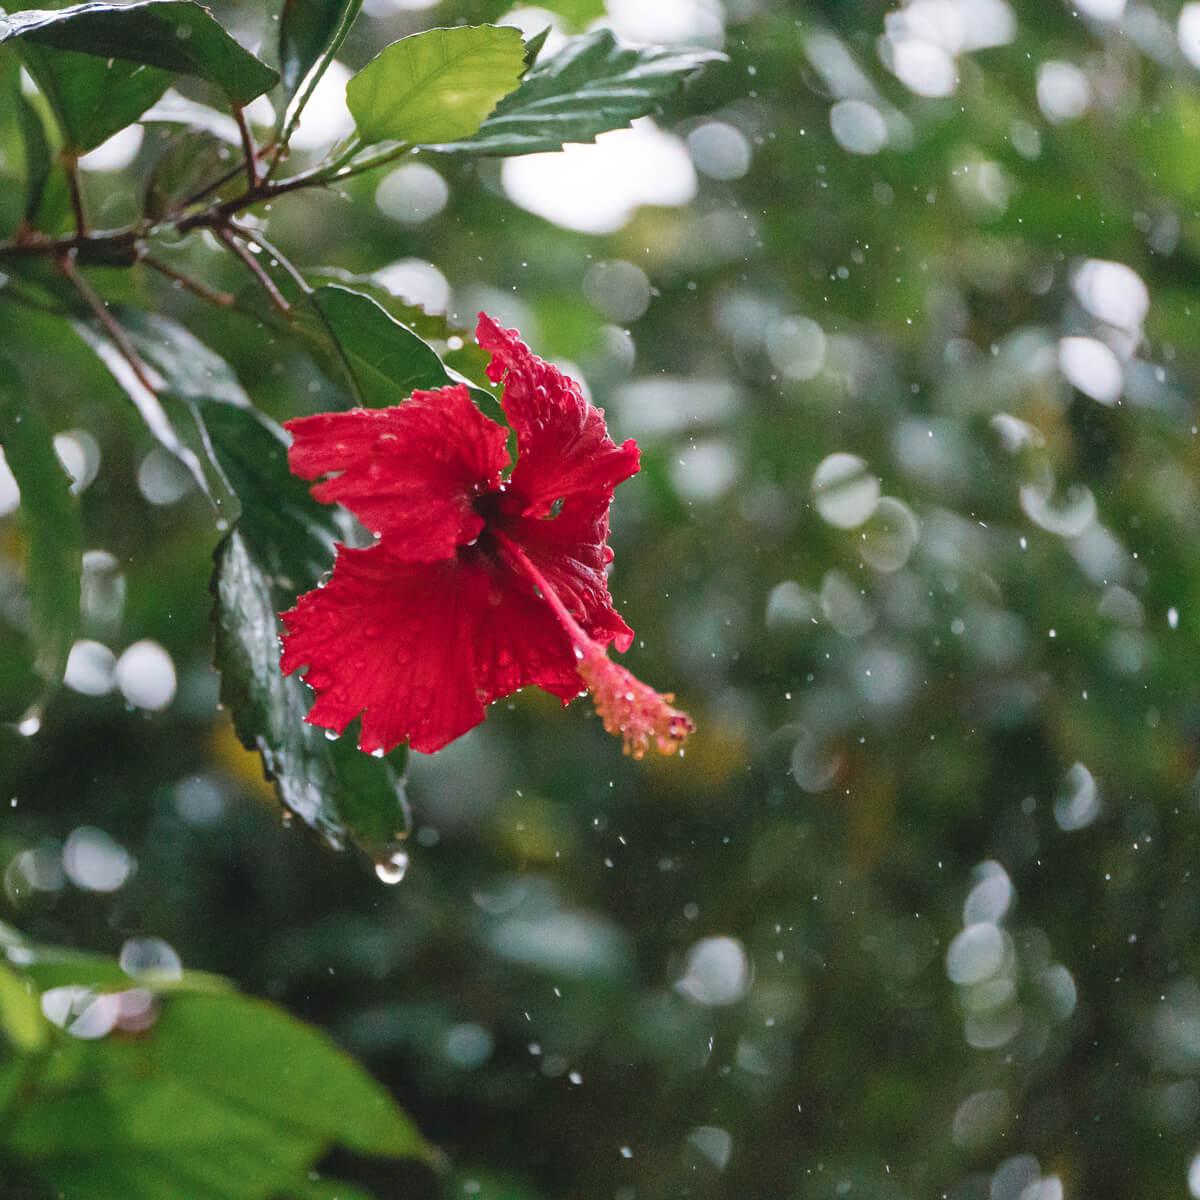 屋久島の雨、ハイビスカス 屋久島花とジュエリー オーダーメイドマリッジリングのモチーフ